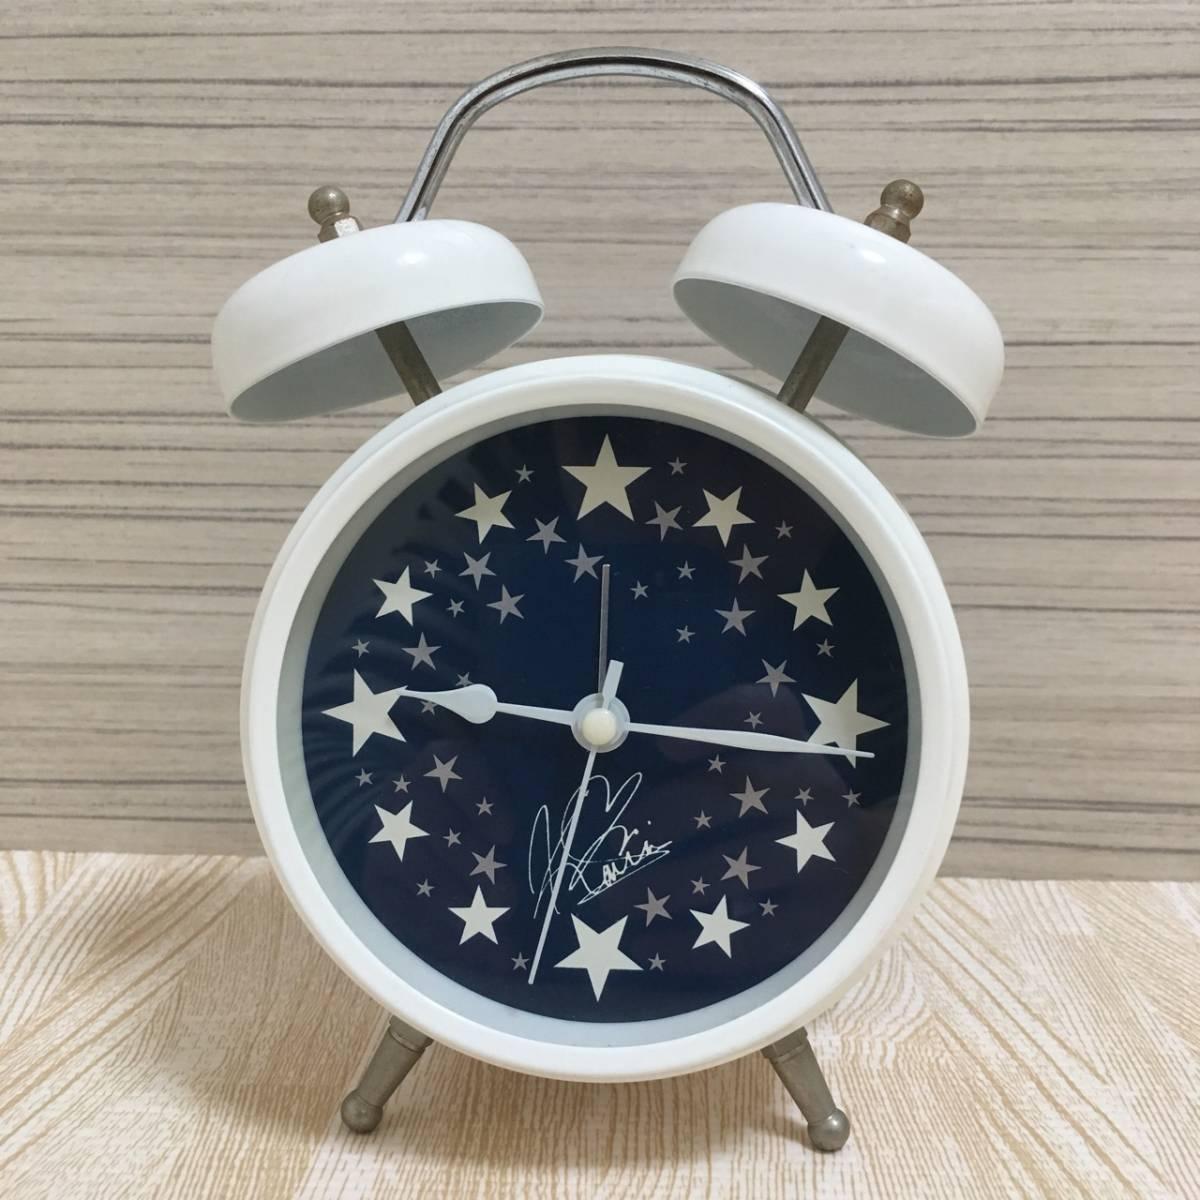 【即決】西野カナ カナやんボイス入りオリジナル目覚まし時計 ホワイト 白(A945)